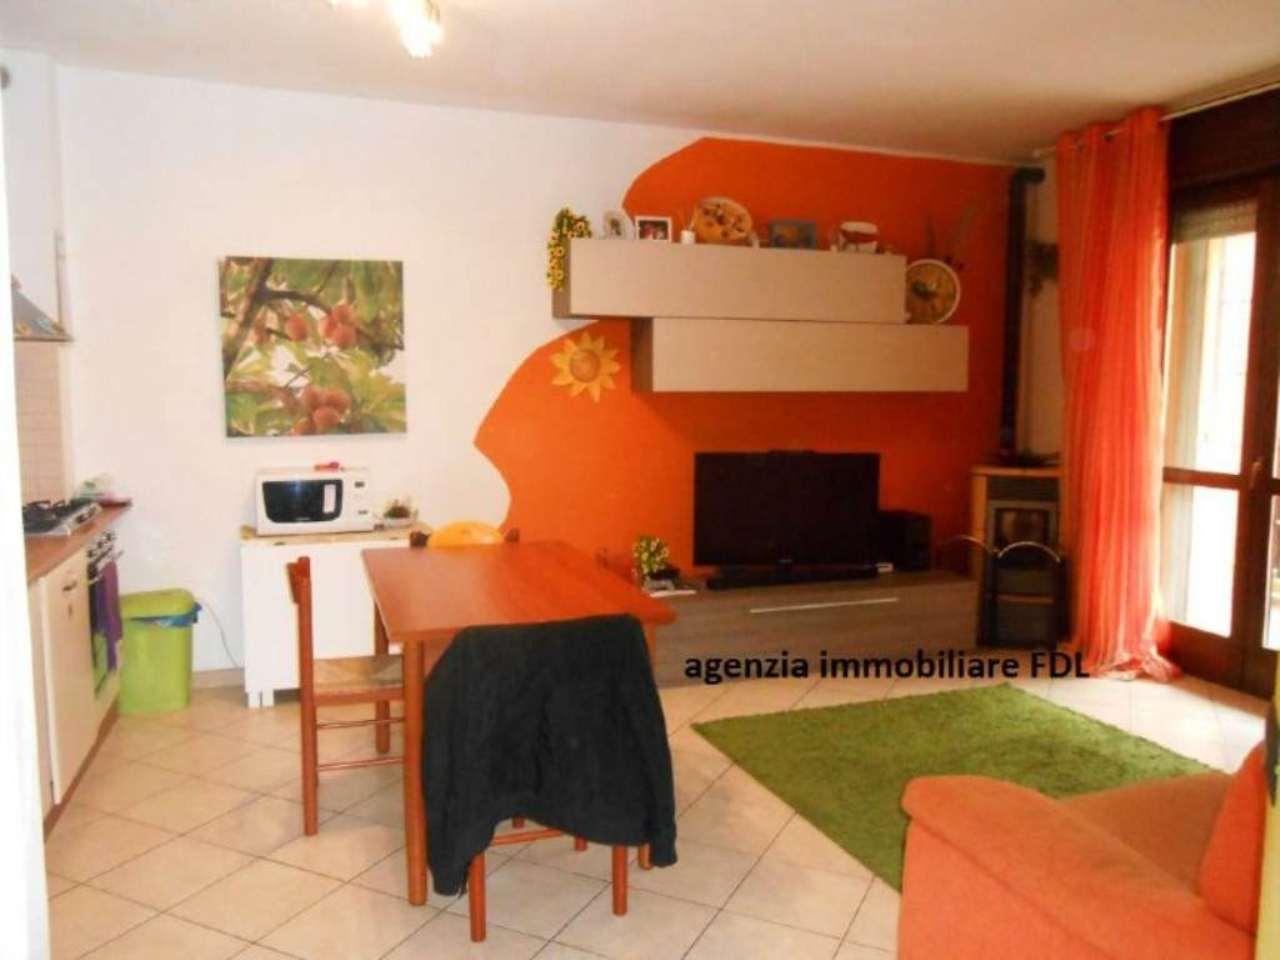 Appartamento in vendita a Peccioli, 4 locali, prezzo € 135.000 | Cambio Casa.it